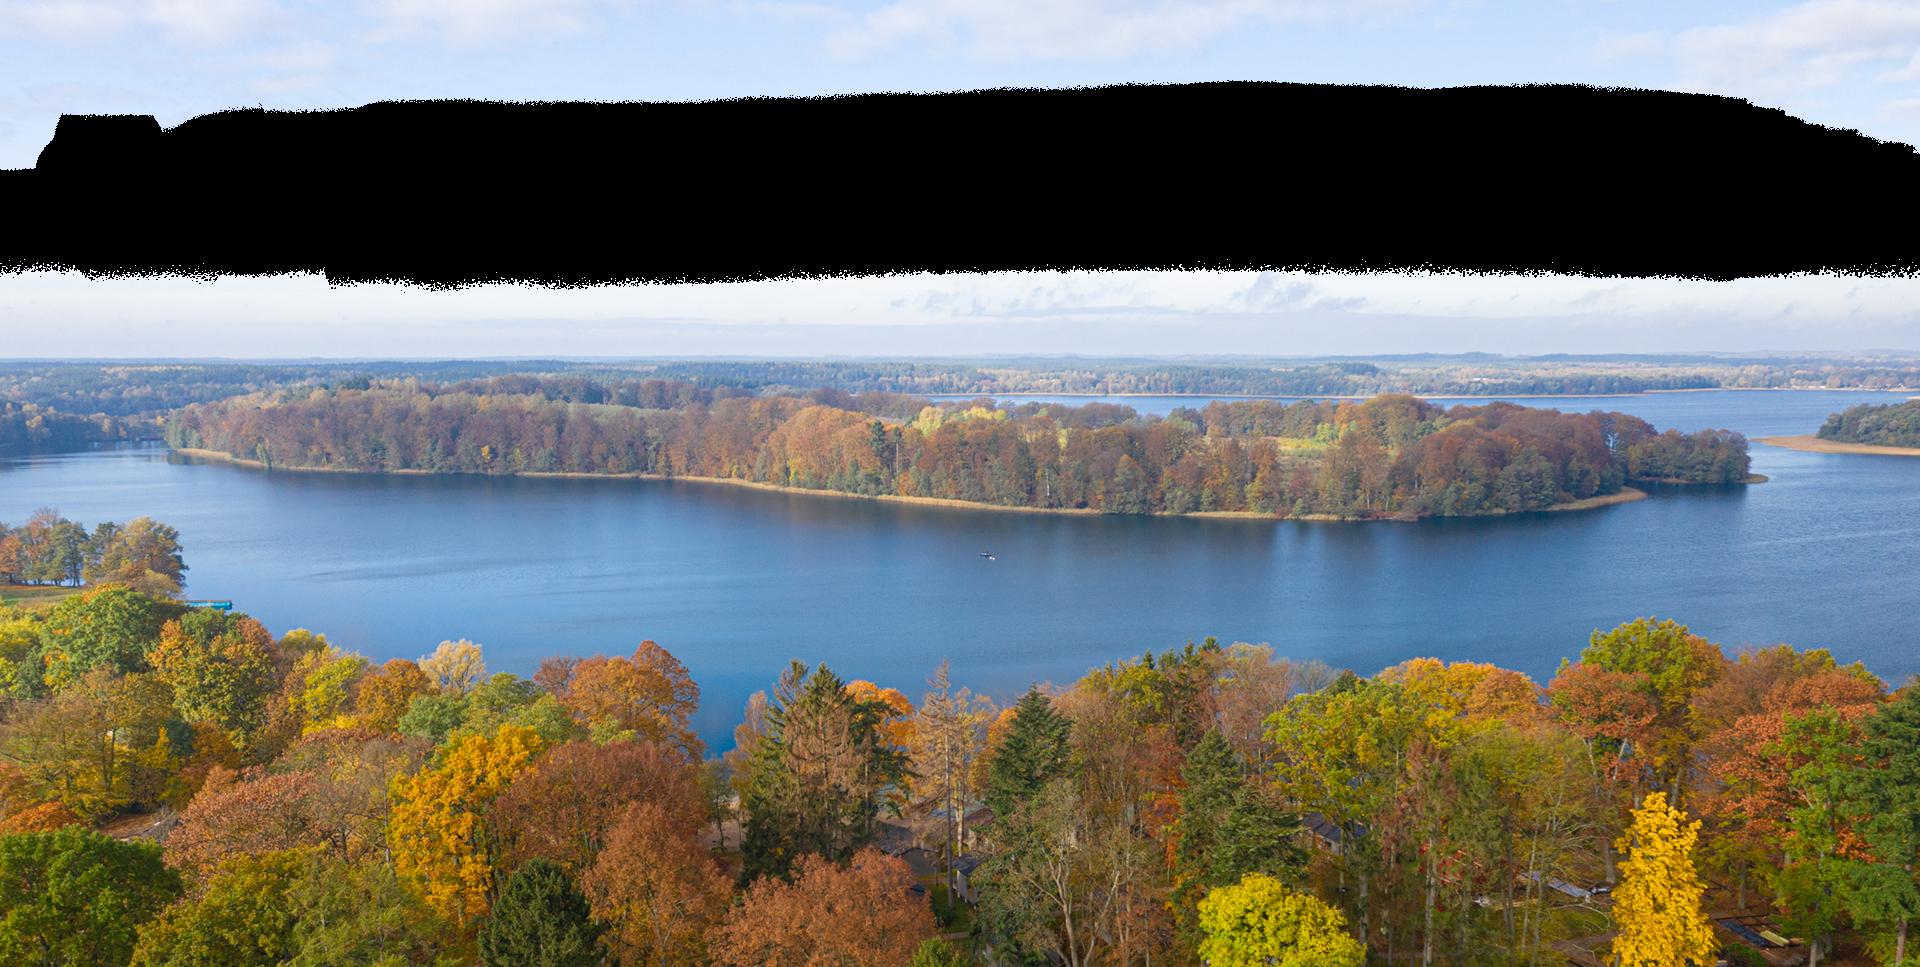 Widok z góry na błękitne jezioro i otaczające je drzewa